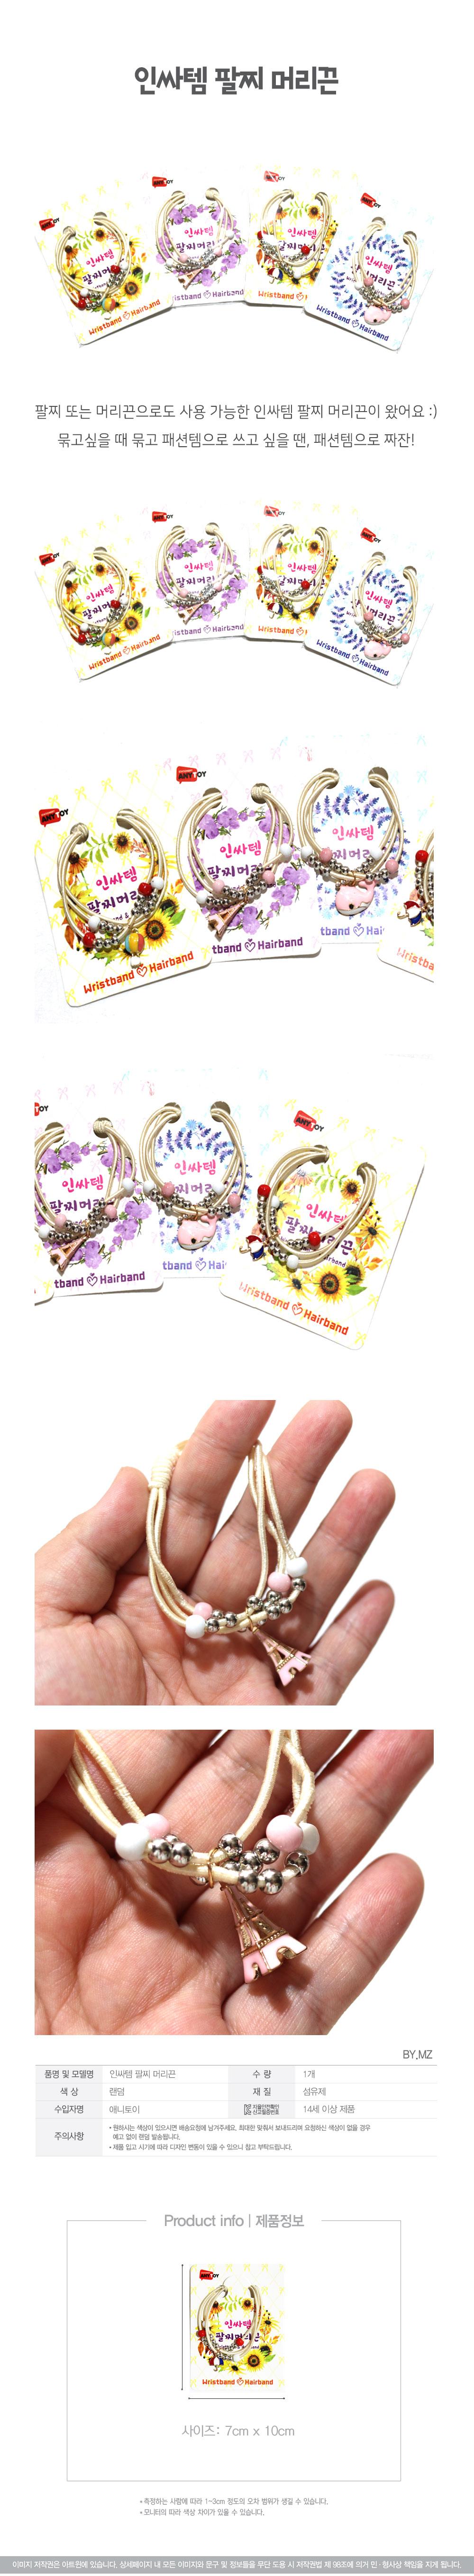 1000인싸템팔찌머리끈 - 아트윈, 1,000원, 헤어핀/밴드/끈, 헤어핀/끈